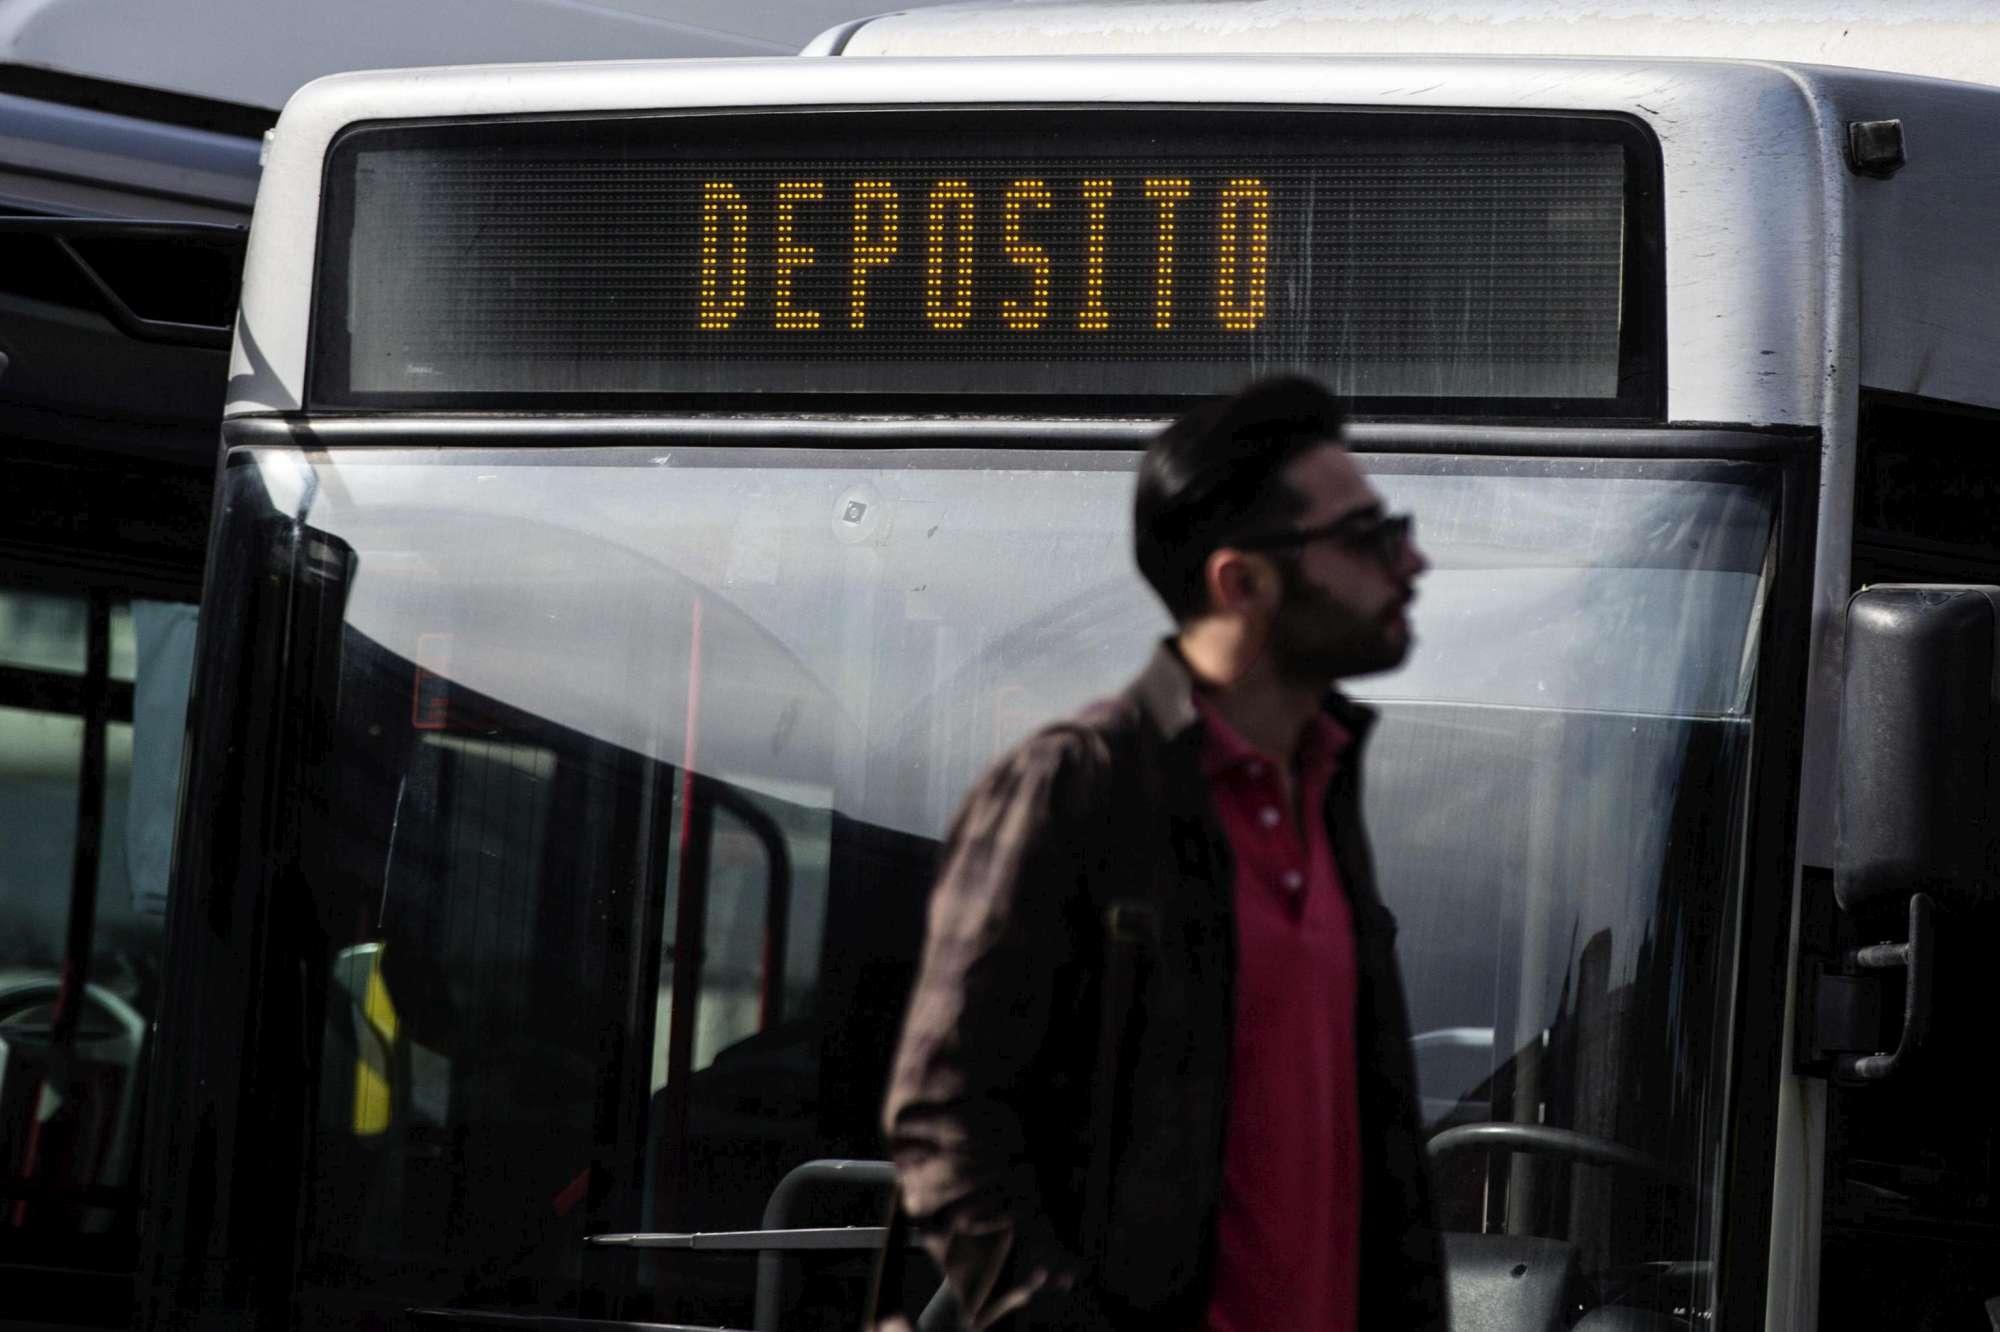 Sciopero dei trasporti a Roma: mezzi pubblici fermi per 24 ore